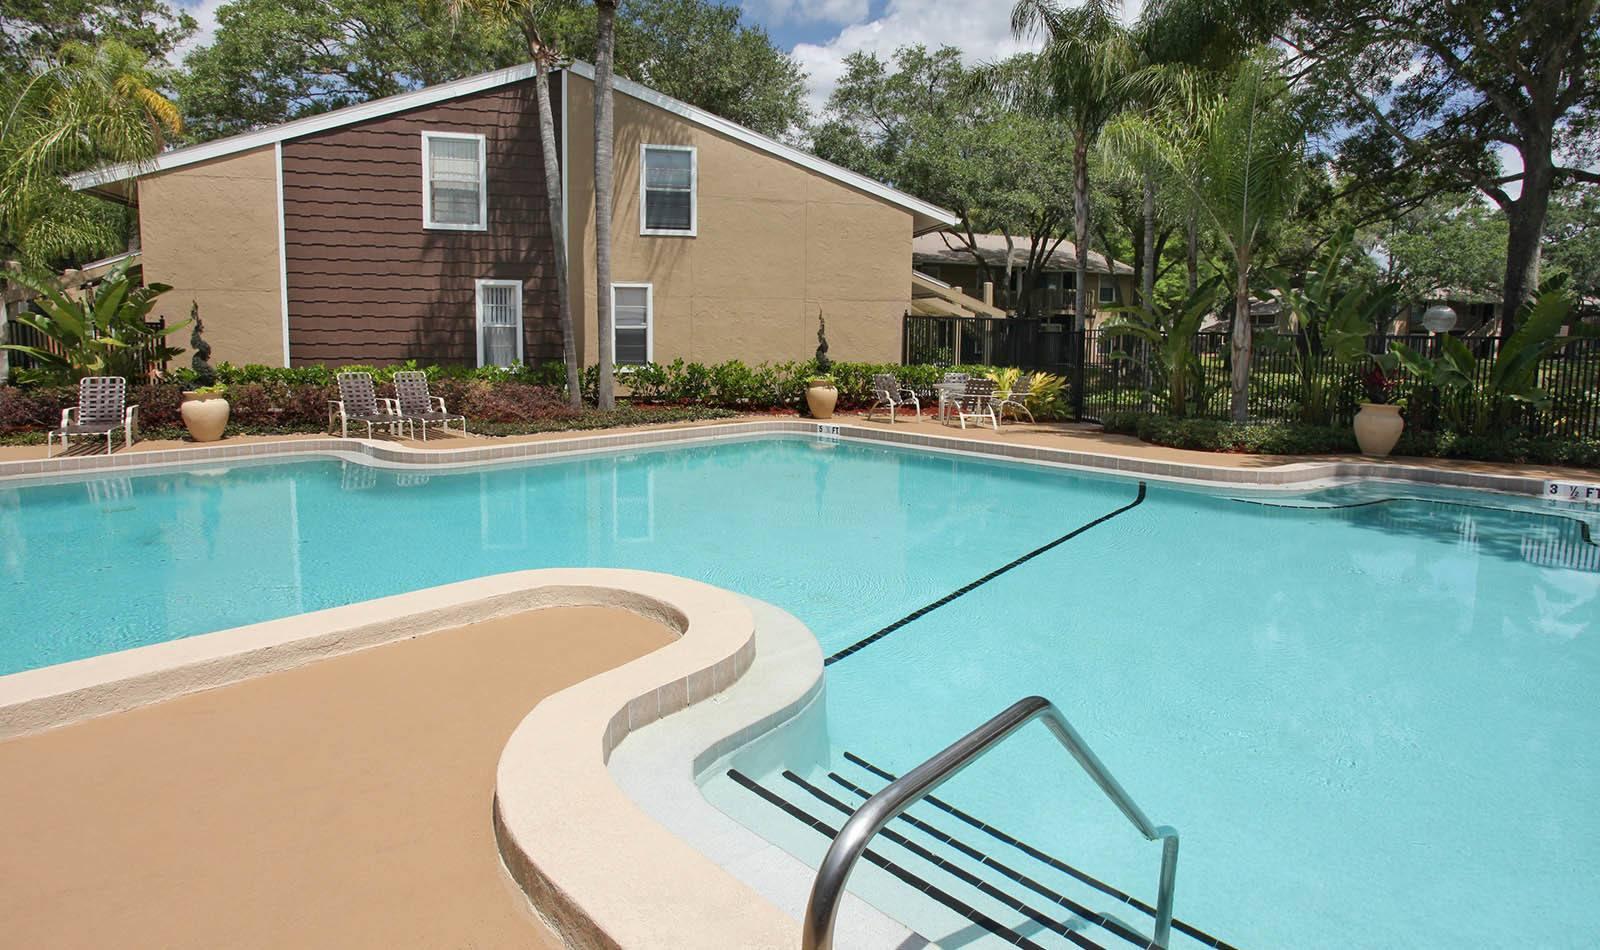 Pool at apartments in Tampa, FL